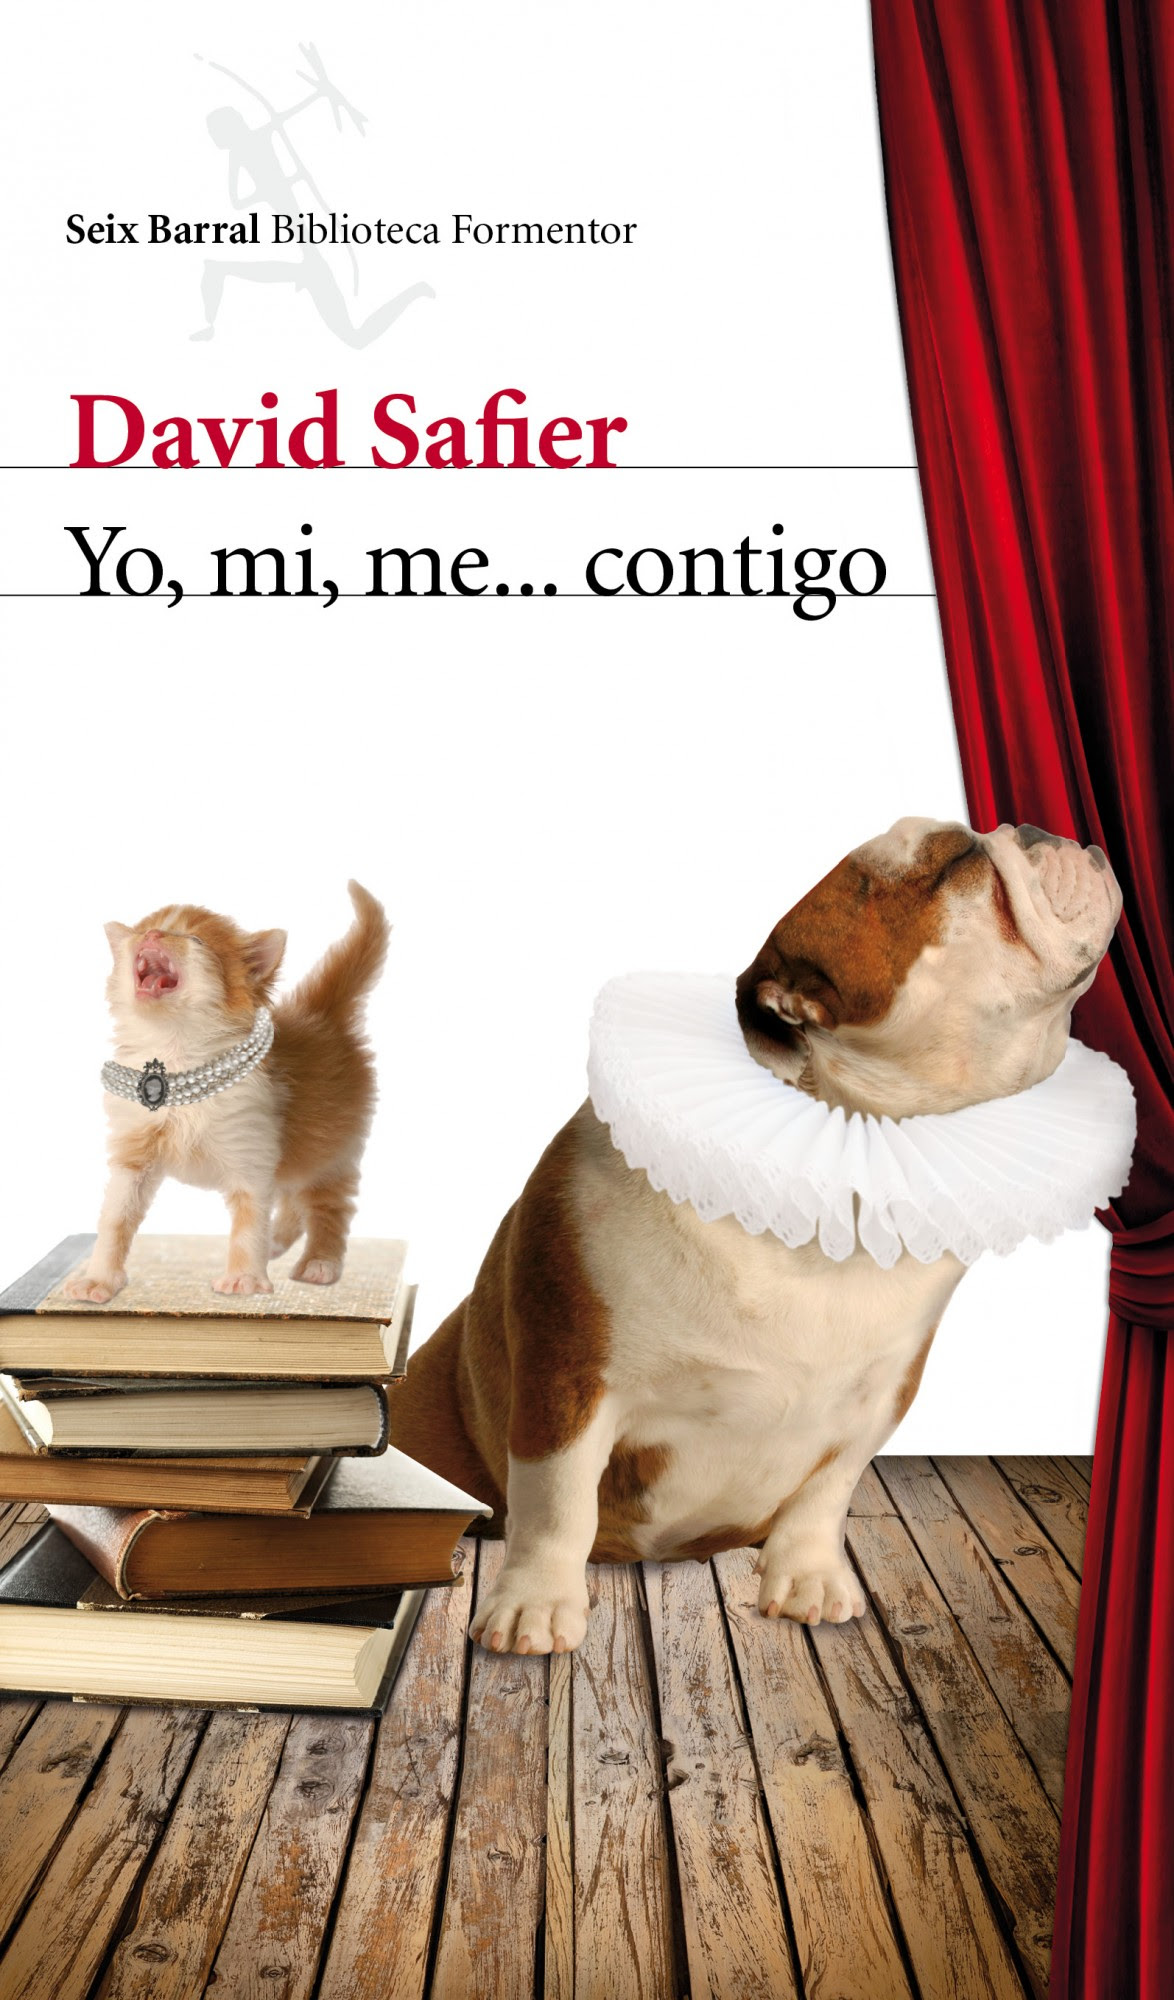 http://globedia.com/imagenes/noticias/2012/11/14/yo-mi-me-contigo_1_1461402.jpg